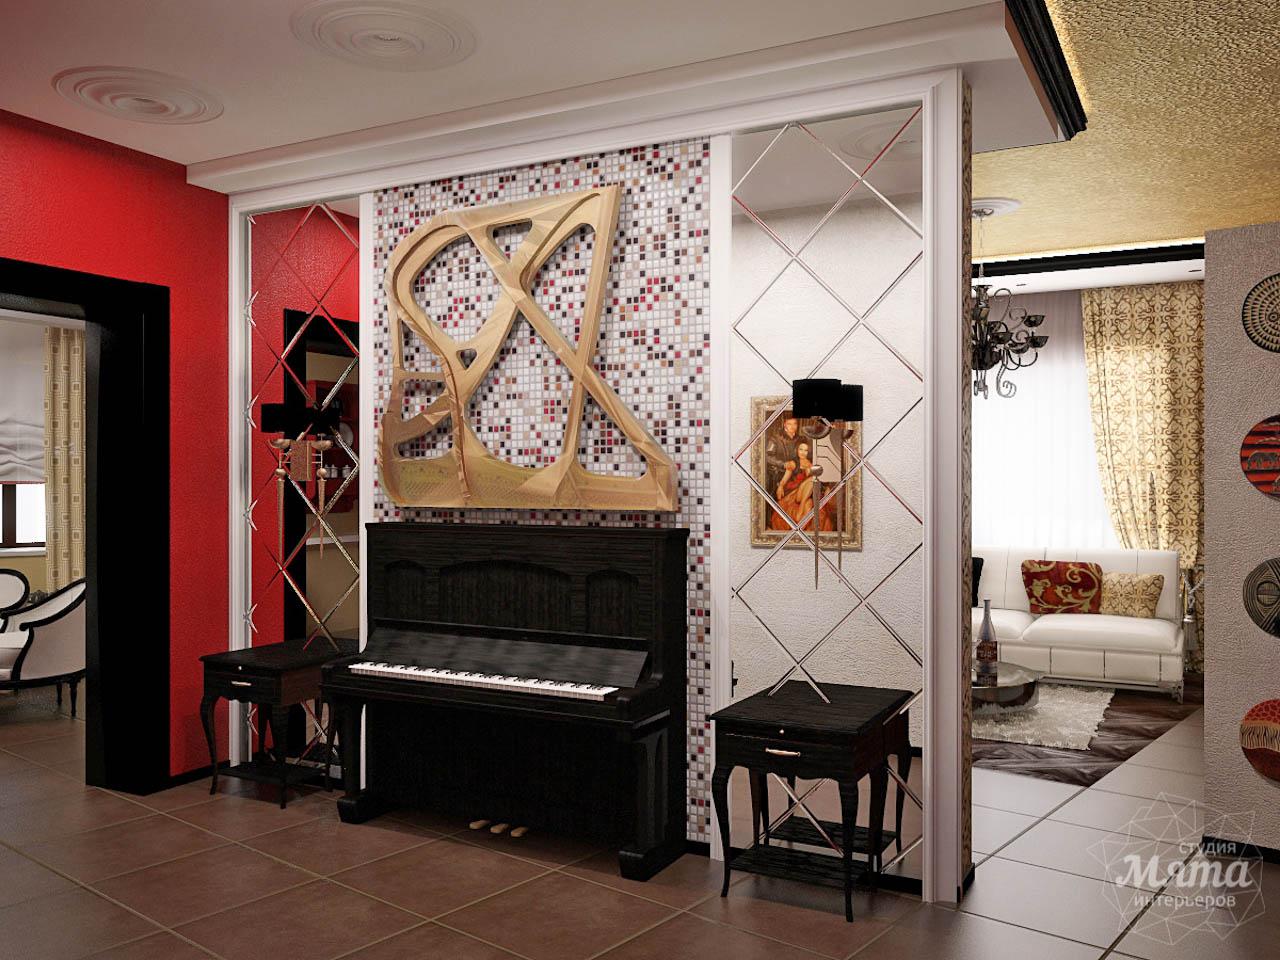 Дизайн интерьера коттеджа первого этажа по ул. Урожайная 17 img1140426117